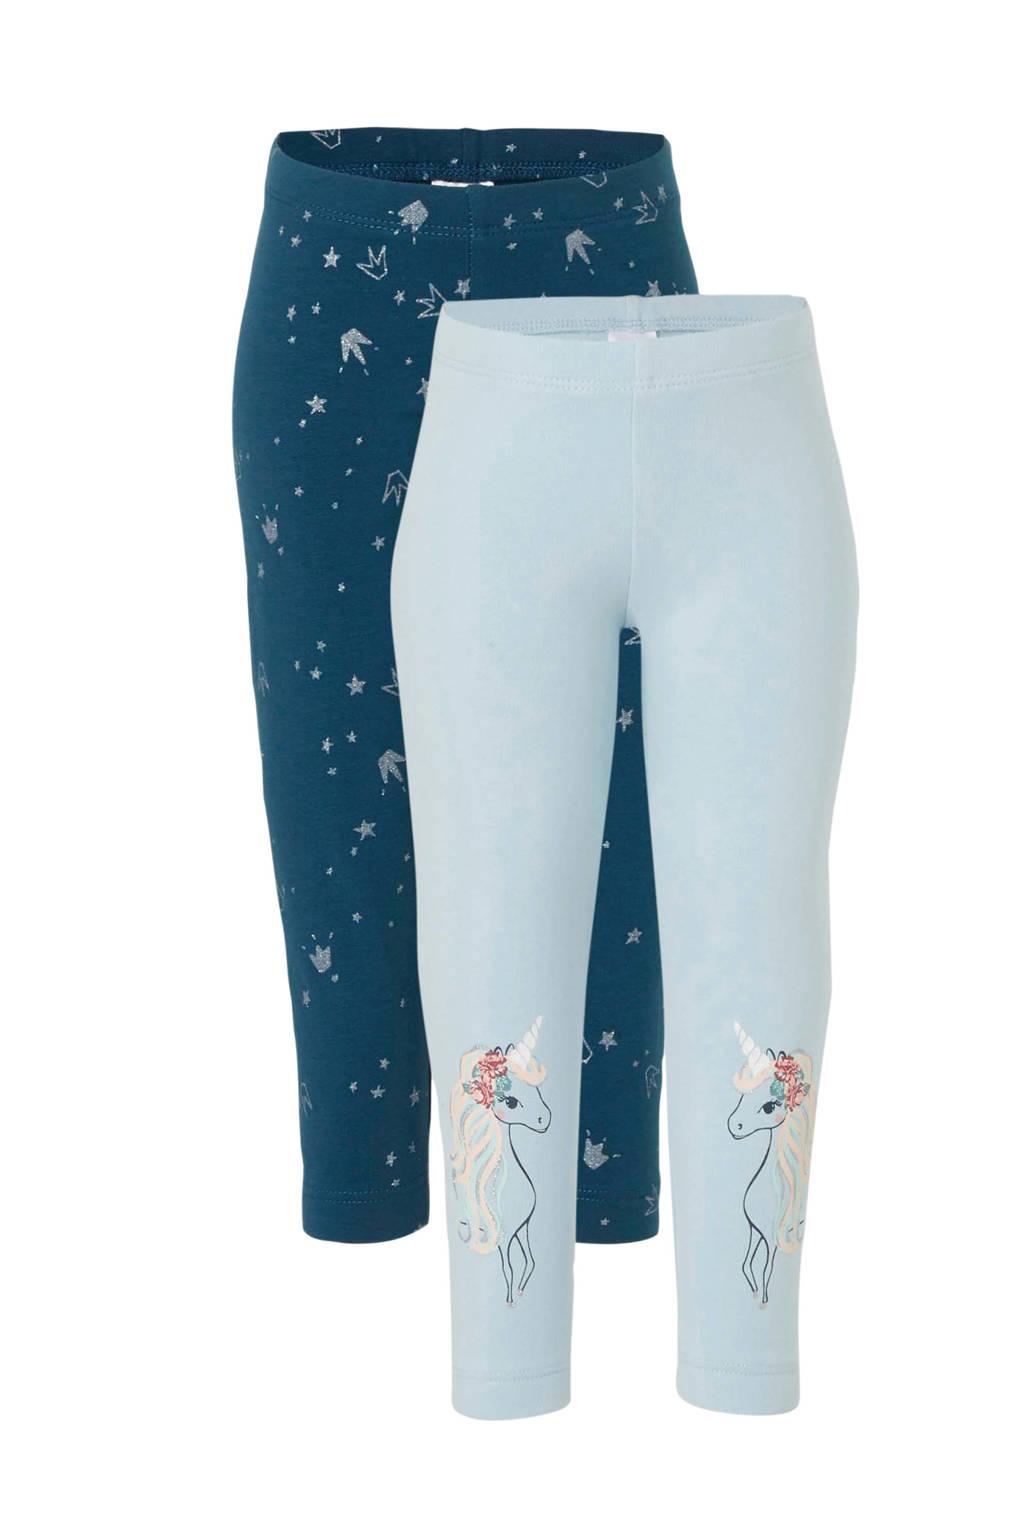 C&A Palomino leggings petrol/mint - set van 2, Mintgroen/petrol